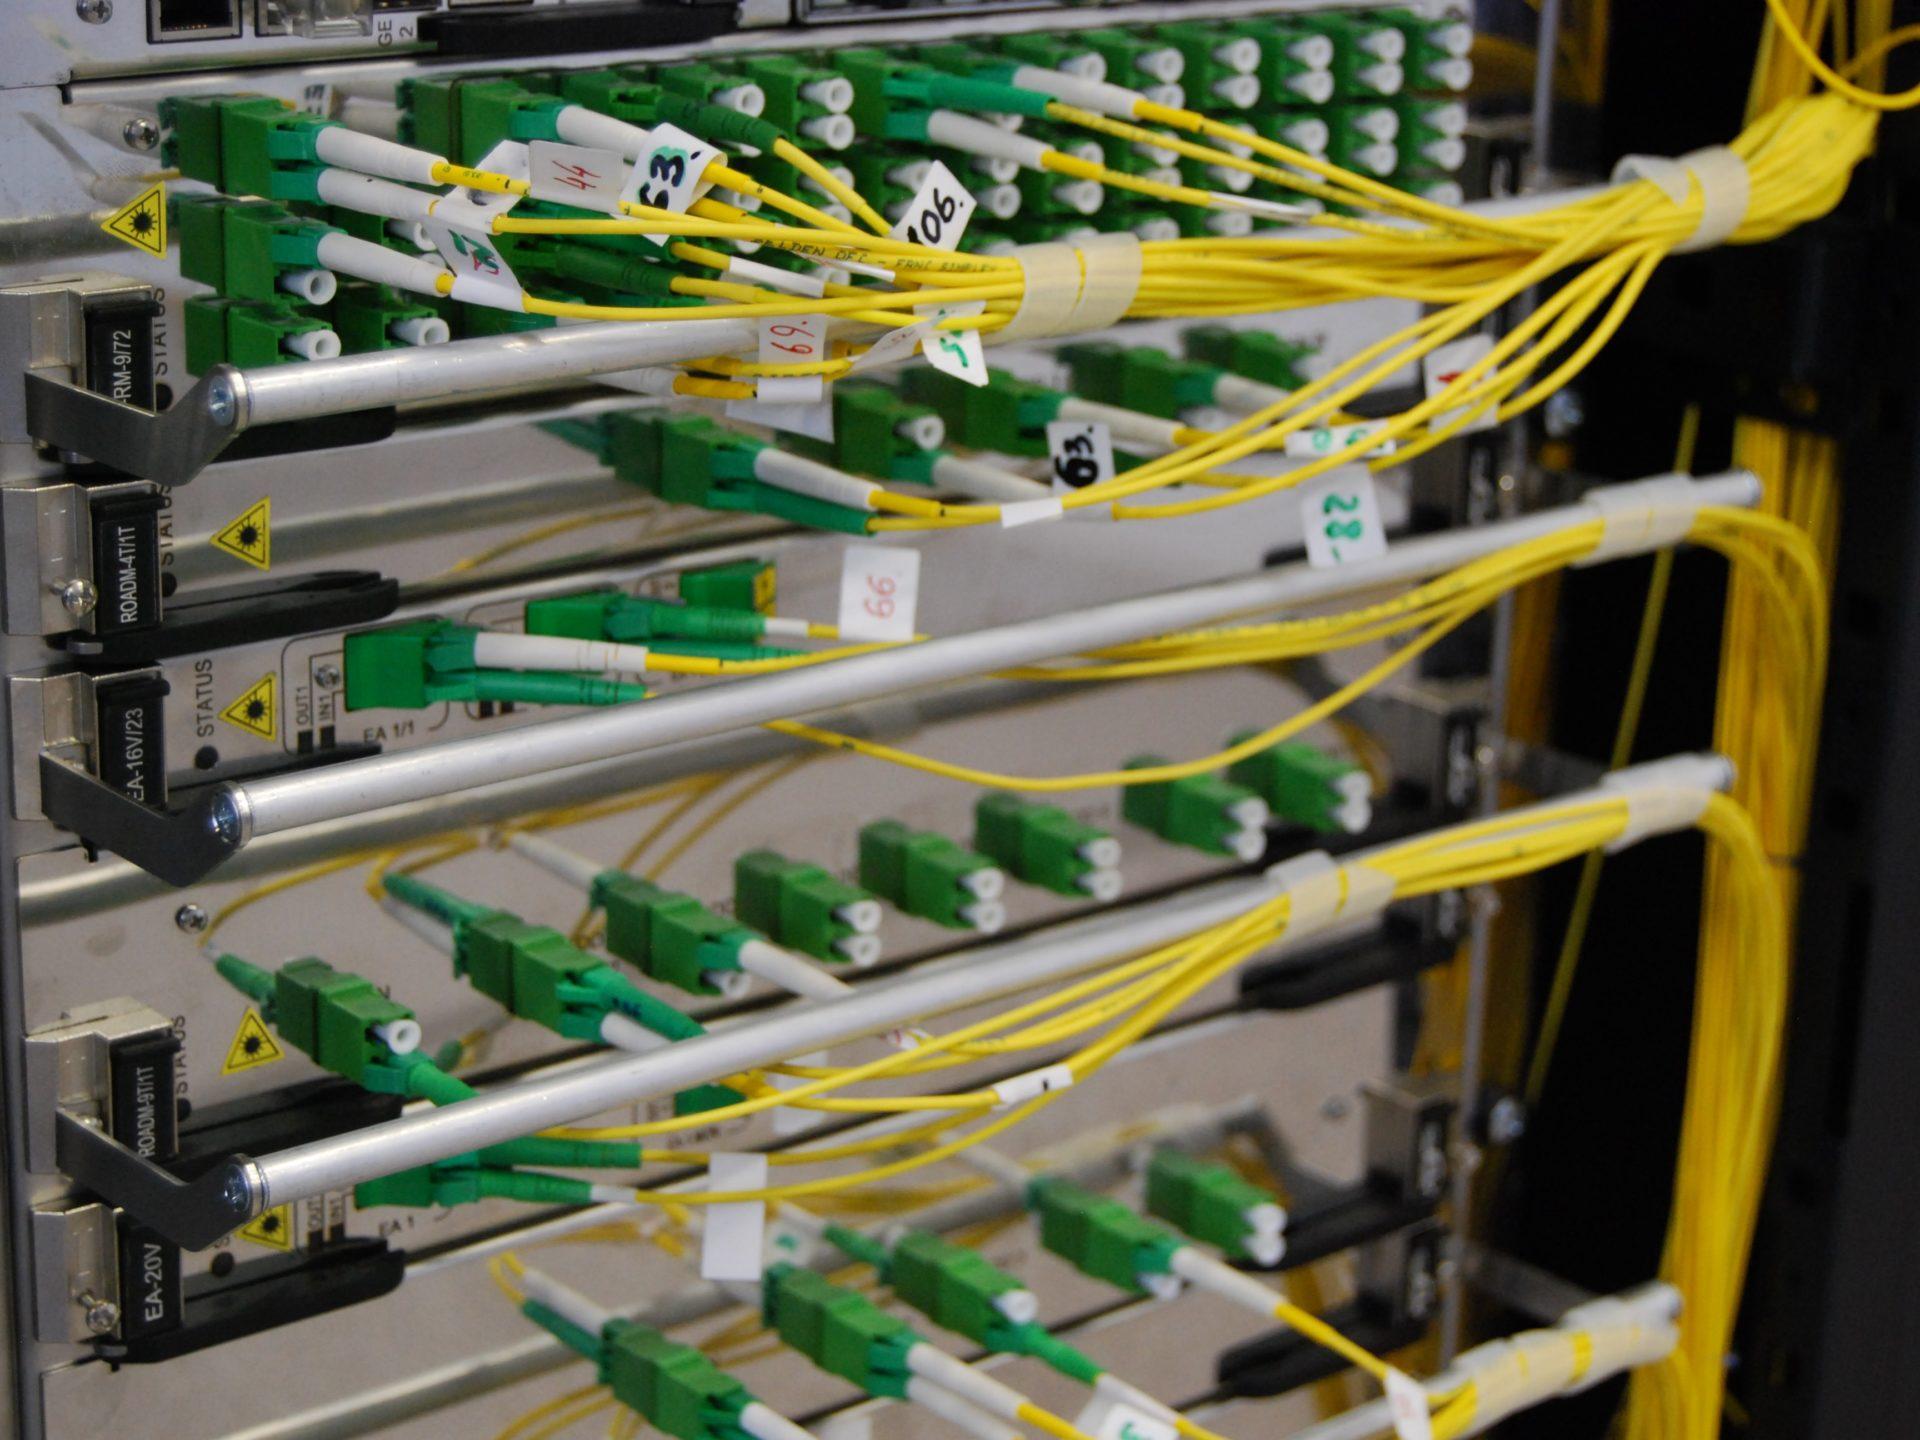 Працівник на виробництво кабелів